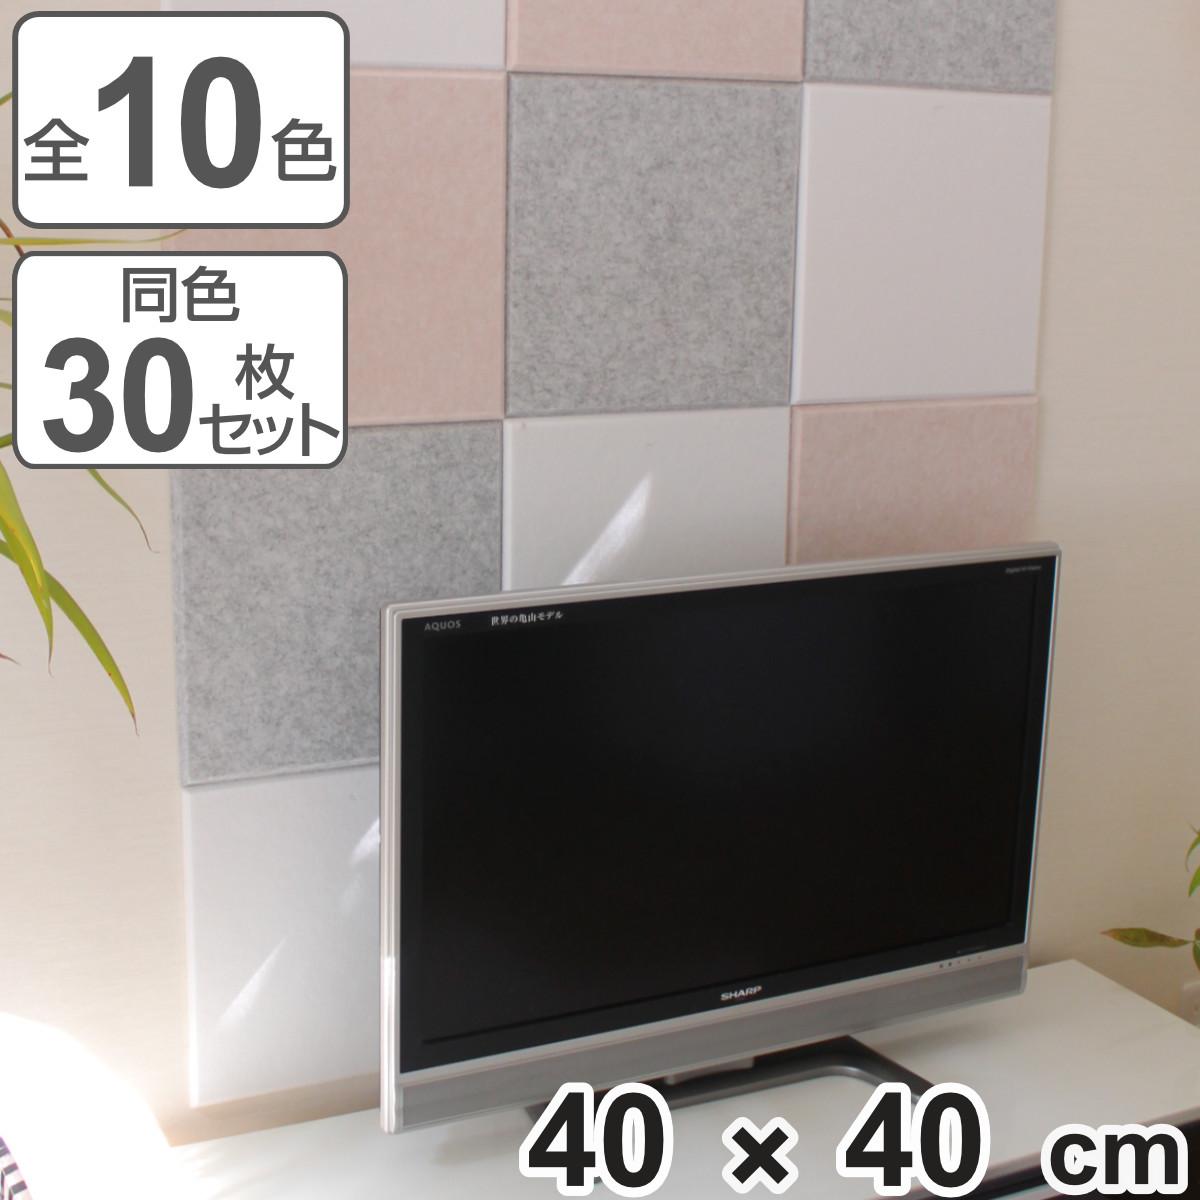 吸音パネル フェルメノン 40x40cm 45度カットタイプ 30枚セット ( 送料無料 防音 吸音 パネル ボード 防音材 吸音材 騒音対策 インテリア 壁 フェルト シート )